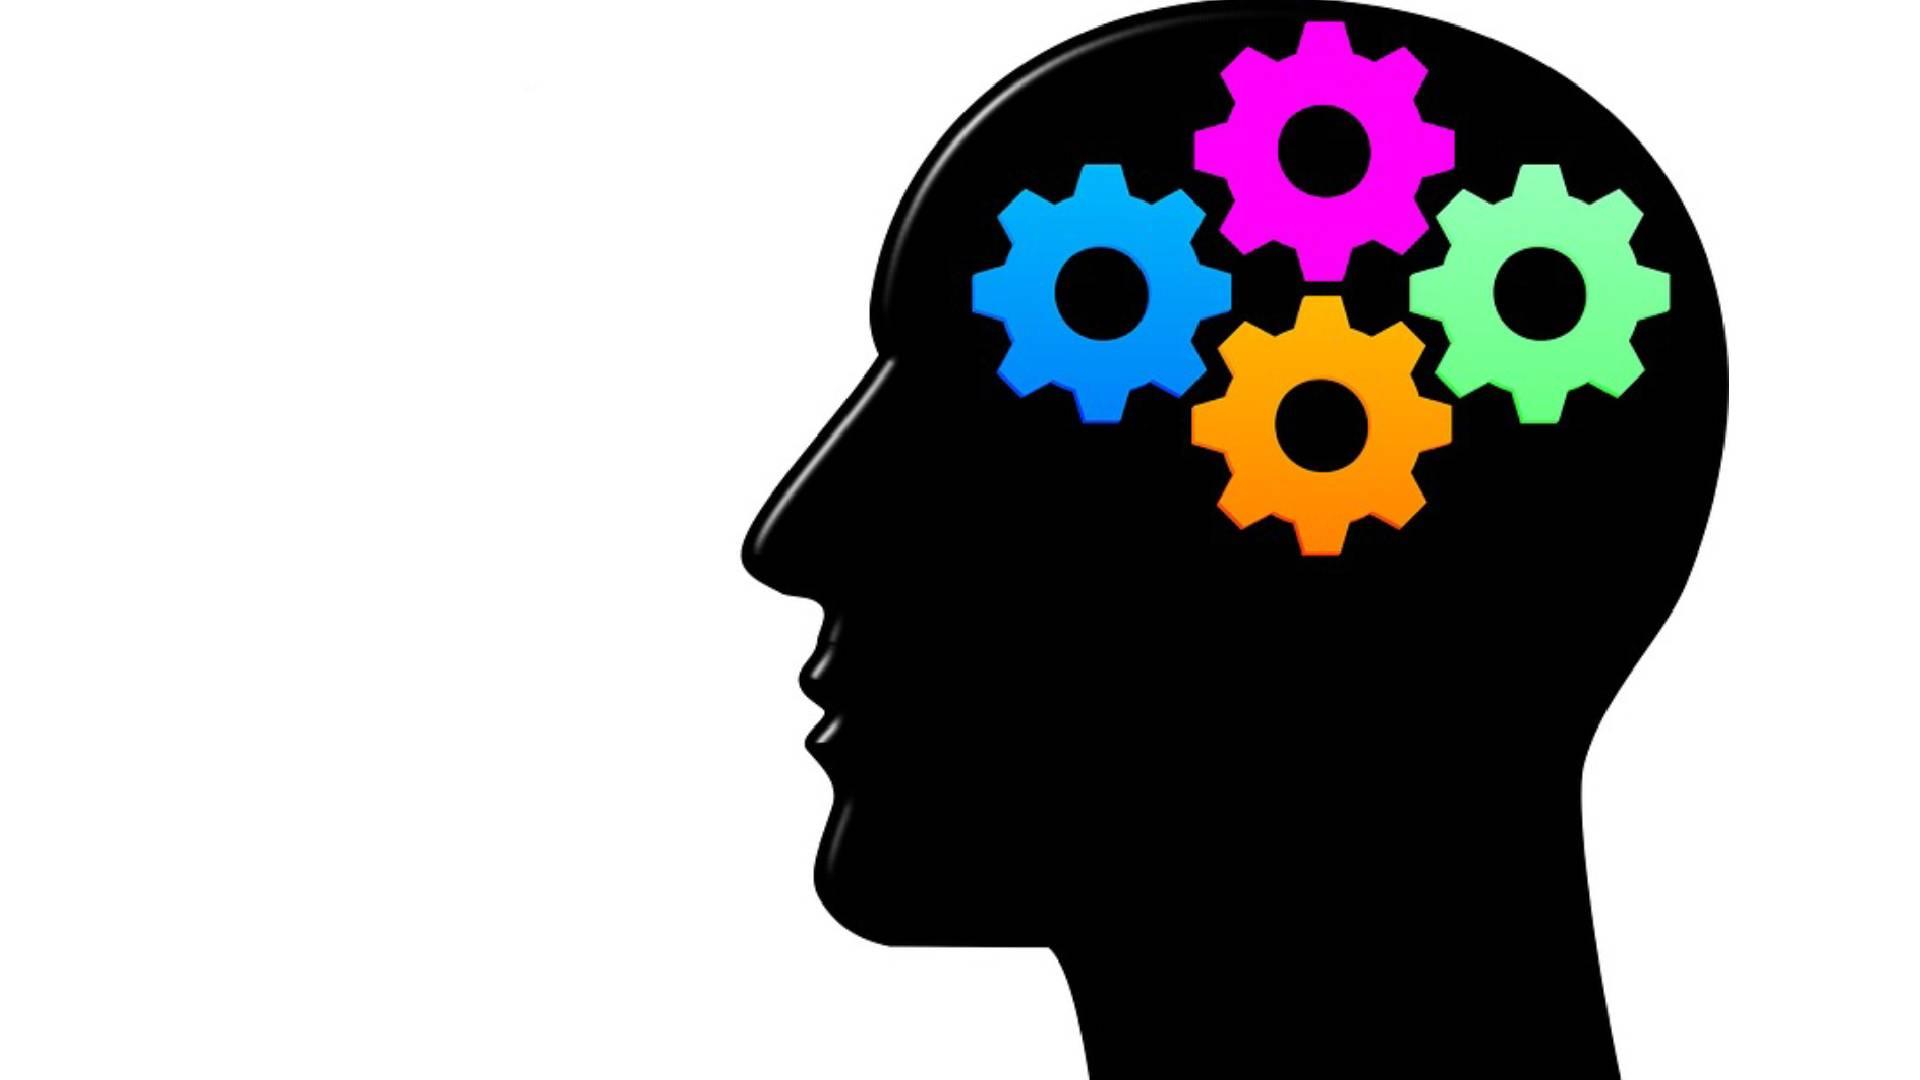 सिरदर्द को हल्के में न लें! शरीर के इन संकेतों को न करें इग्नोर, हो सकती है ब्रेन ट्यूमर जैसी जानलेवा बीमारी